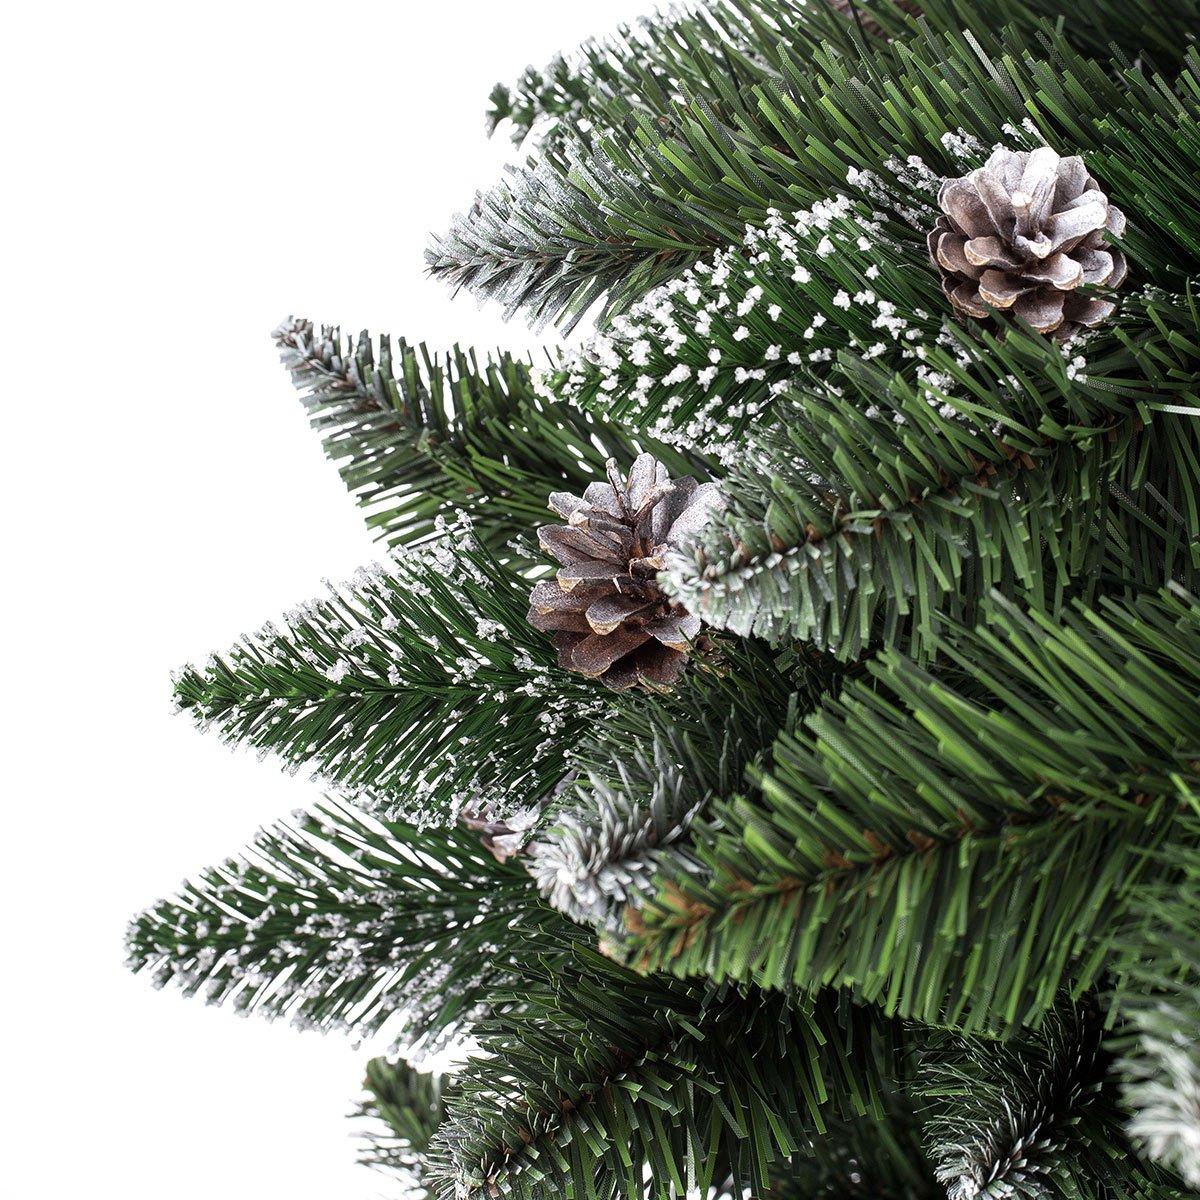 kiefer-natur-weiss-beschneit-detail-fairytrees